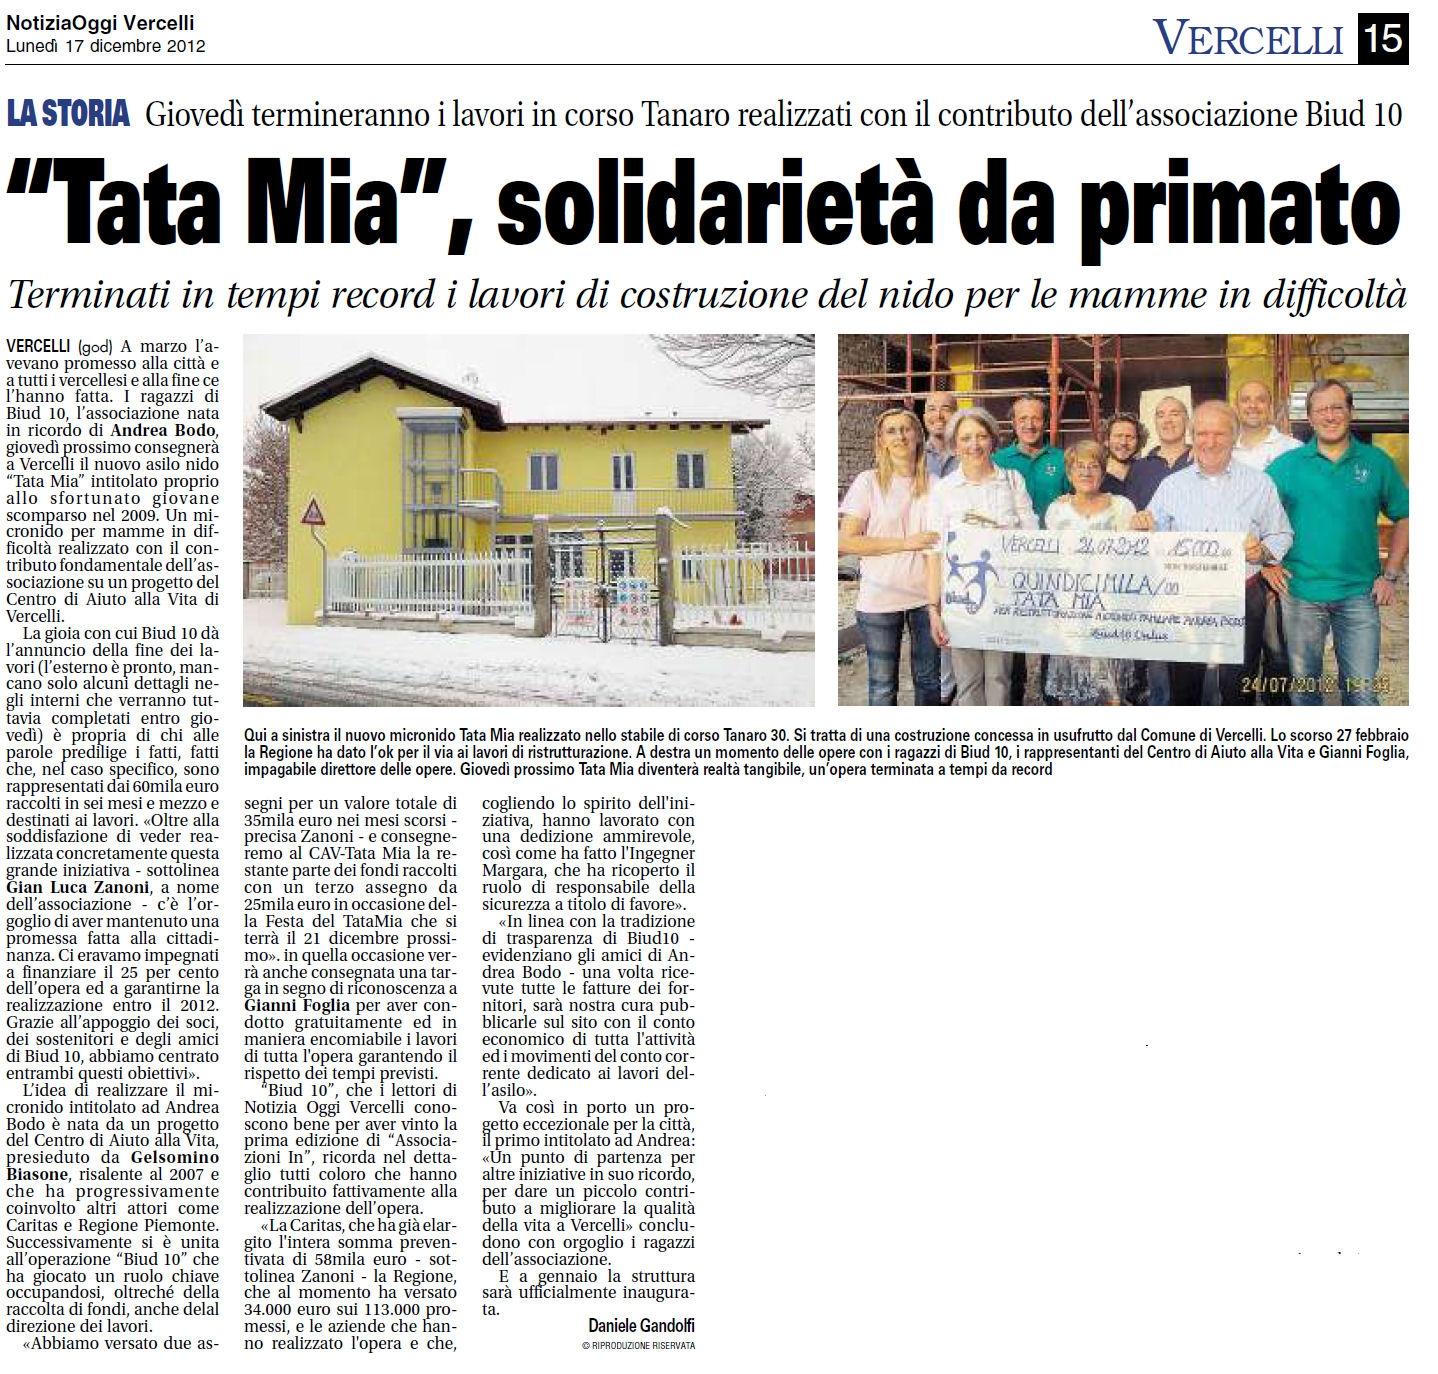 Notizia Oggi - TATA MIA solidarietà da primato